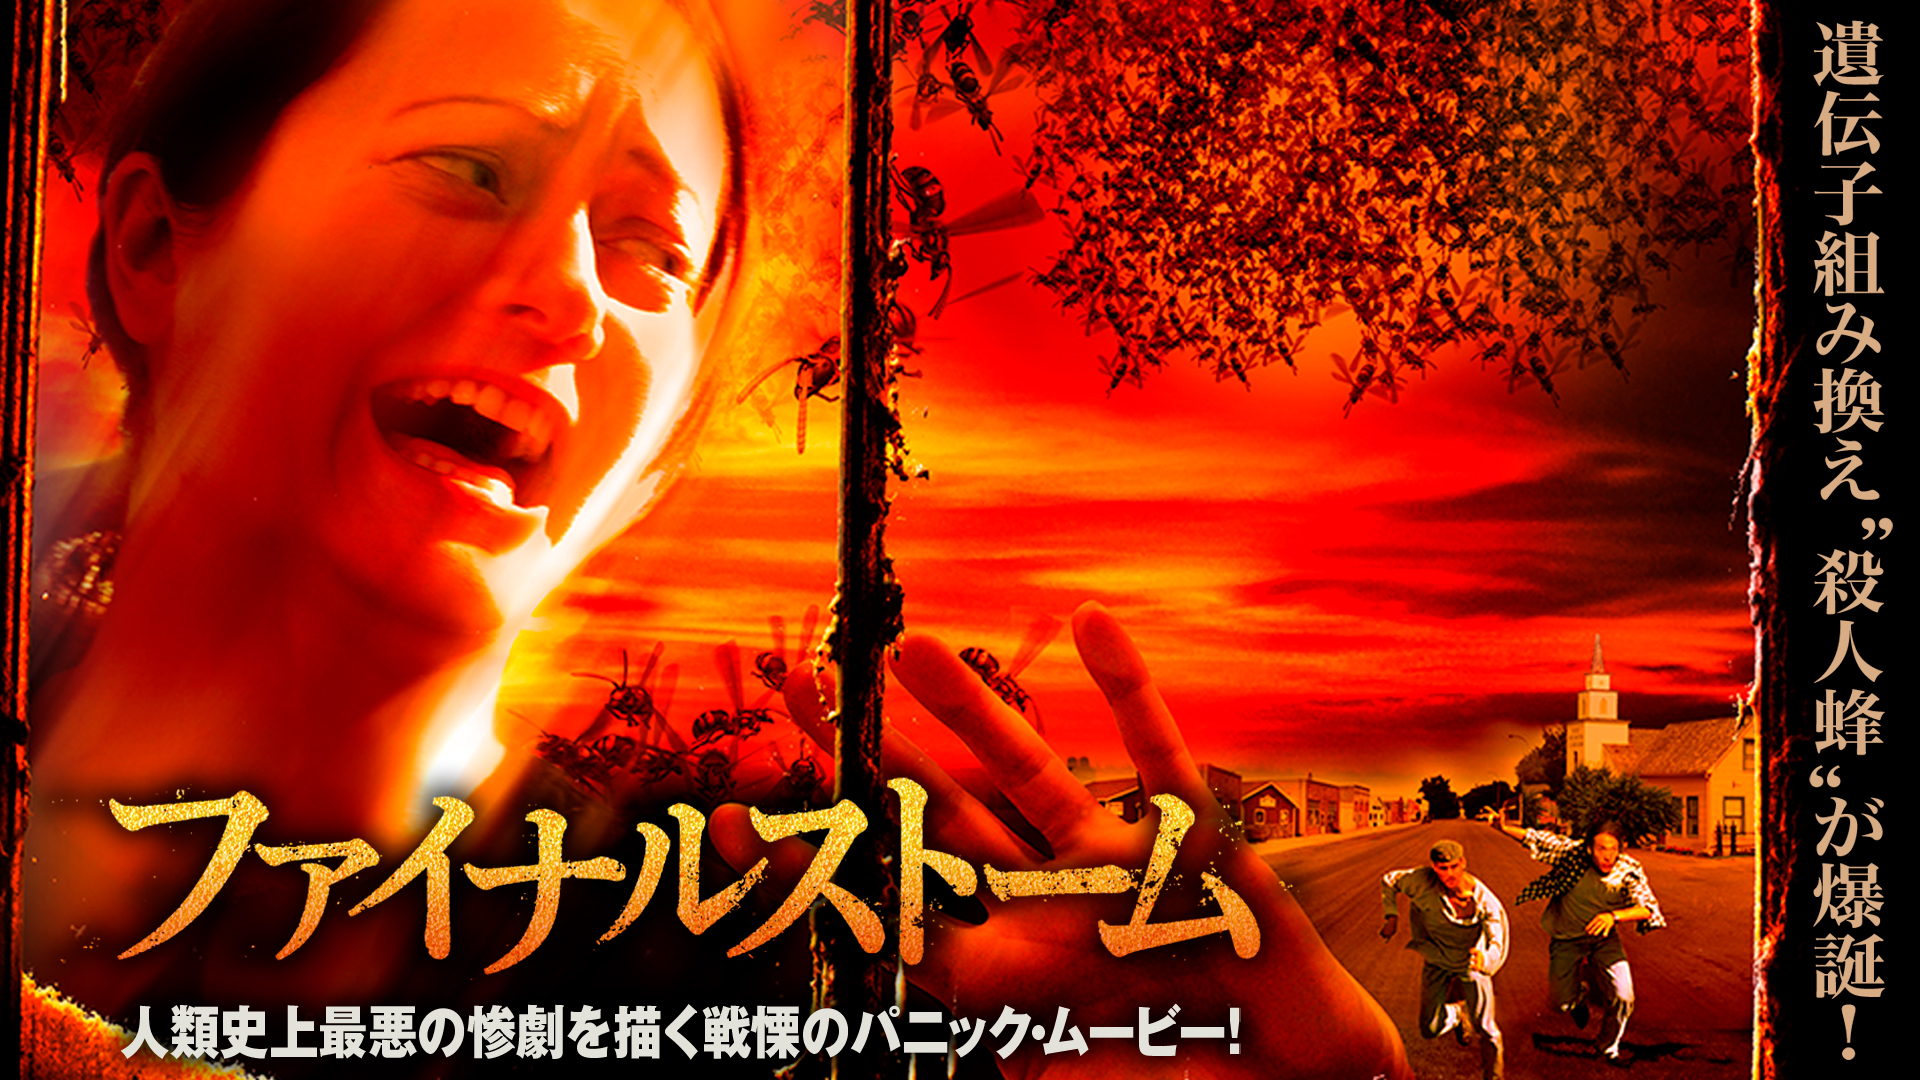 ファイナルストーム(字幕版)